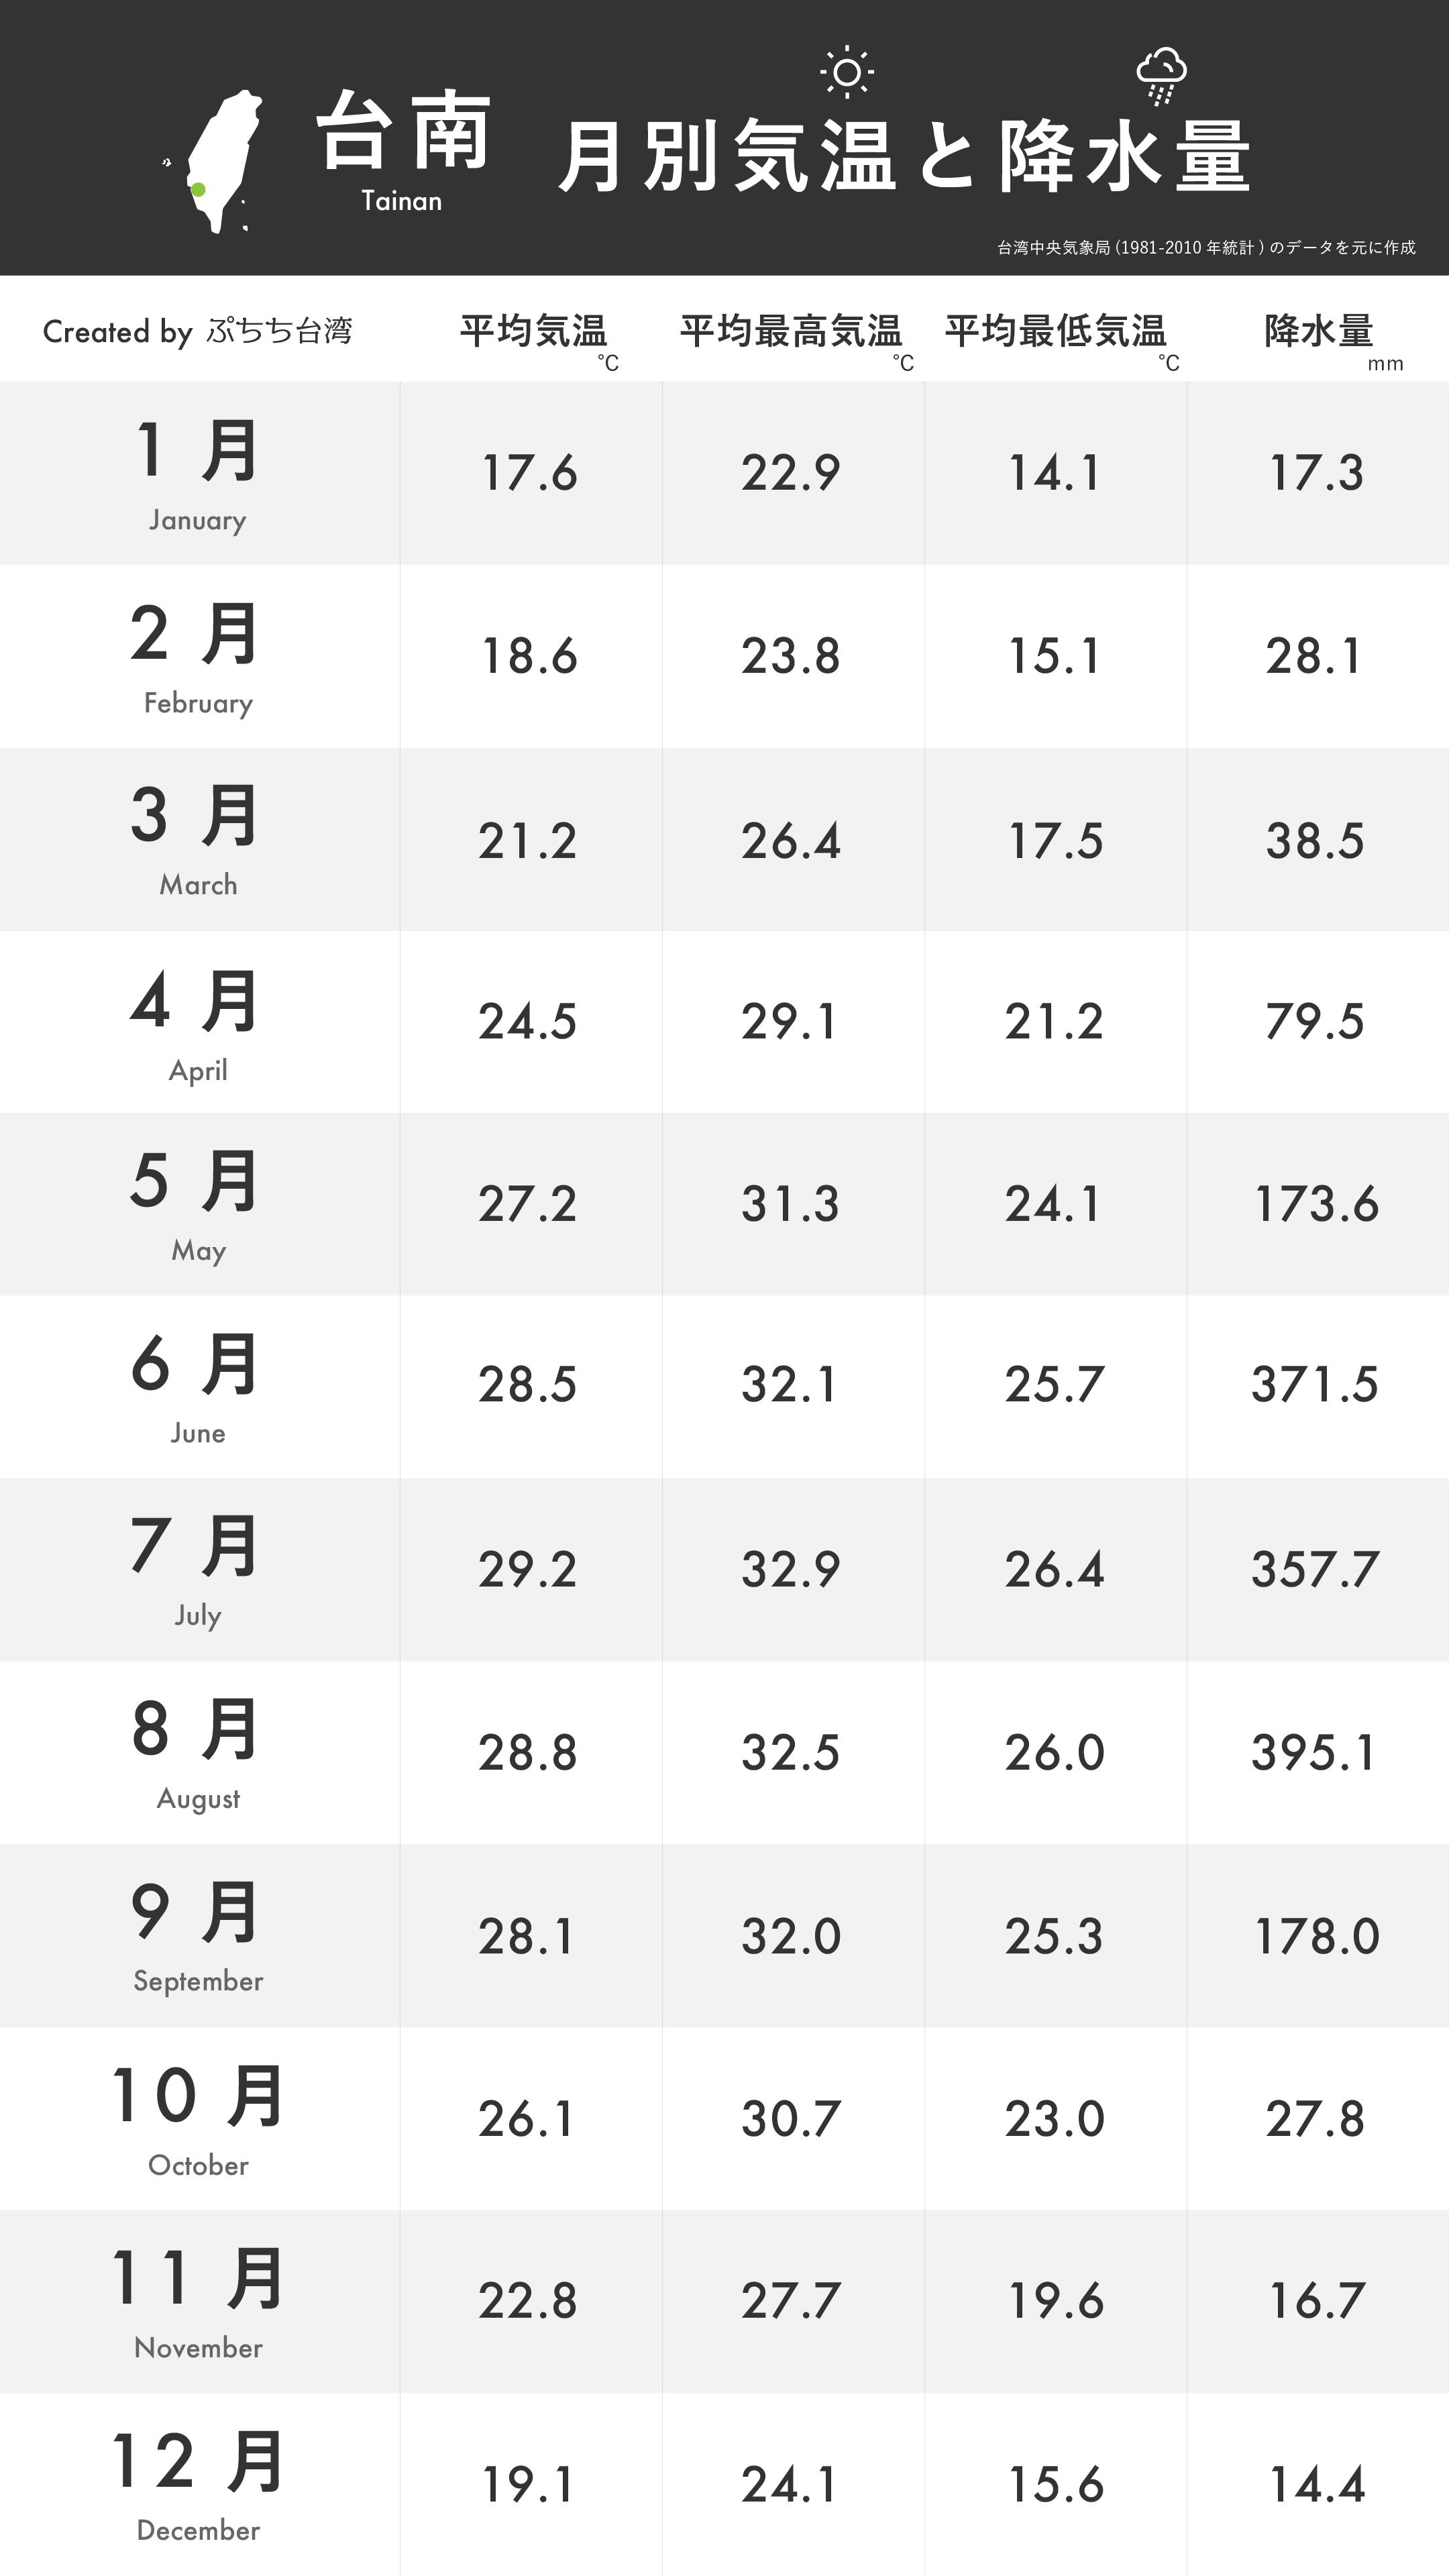 台南の月別平均気温・平均最高気温・平均最低気温・降水量